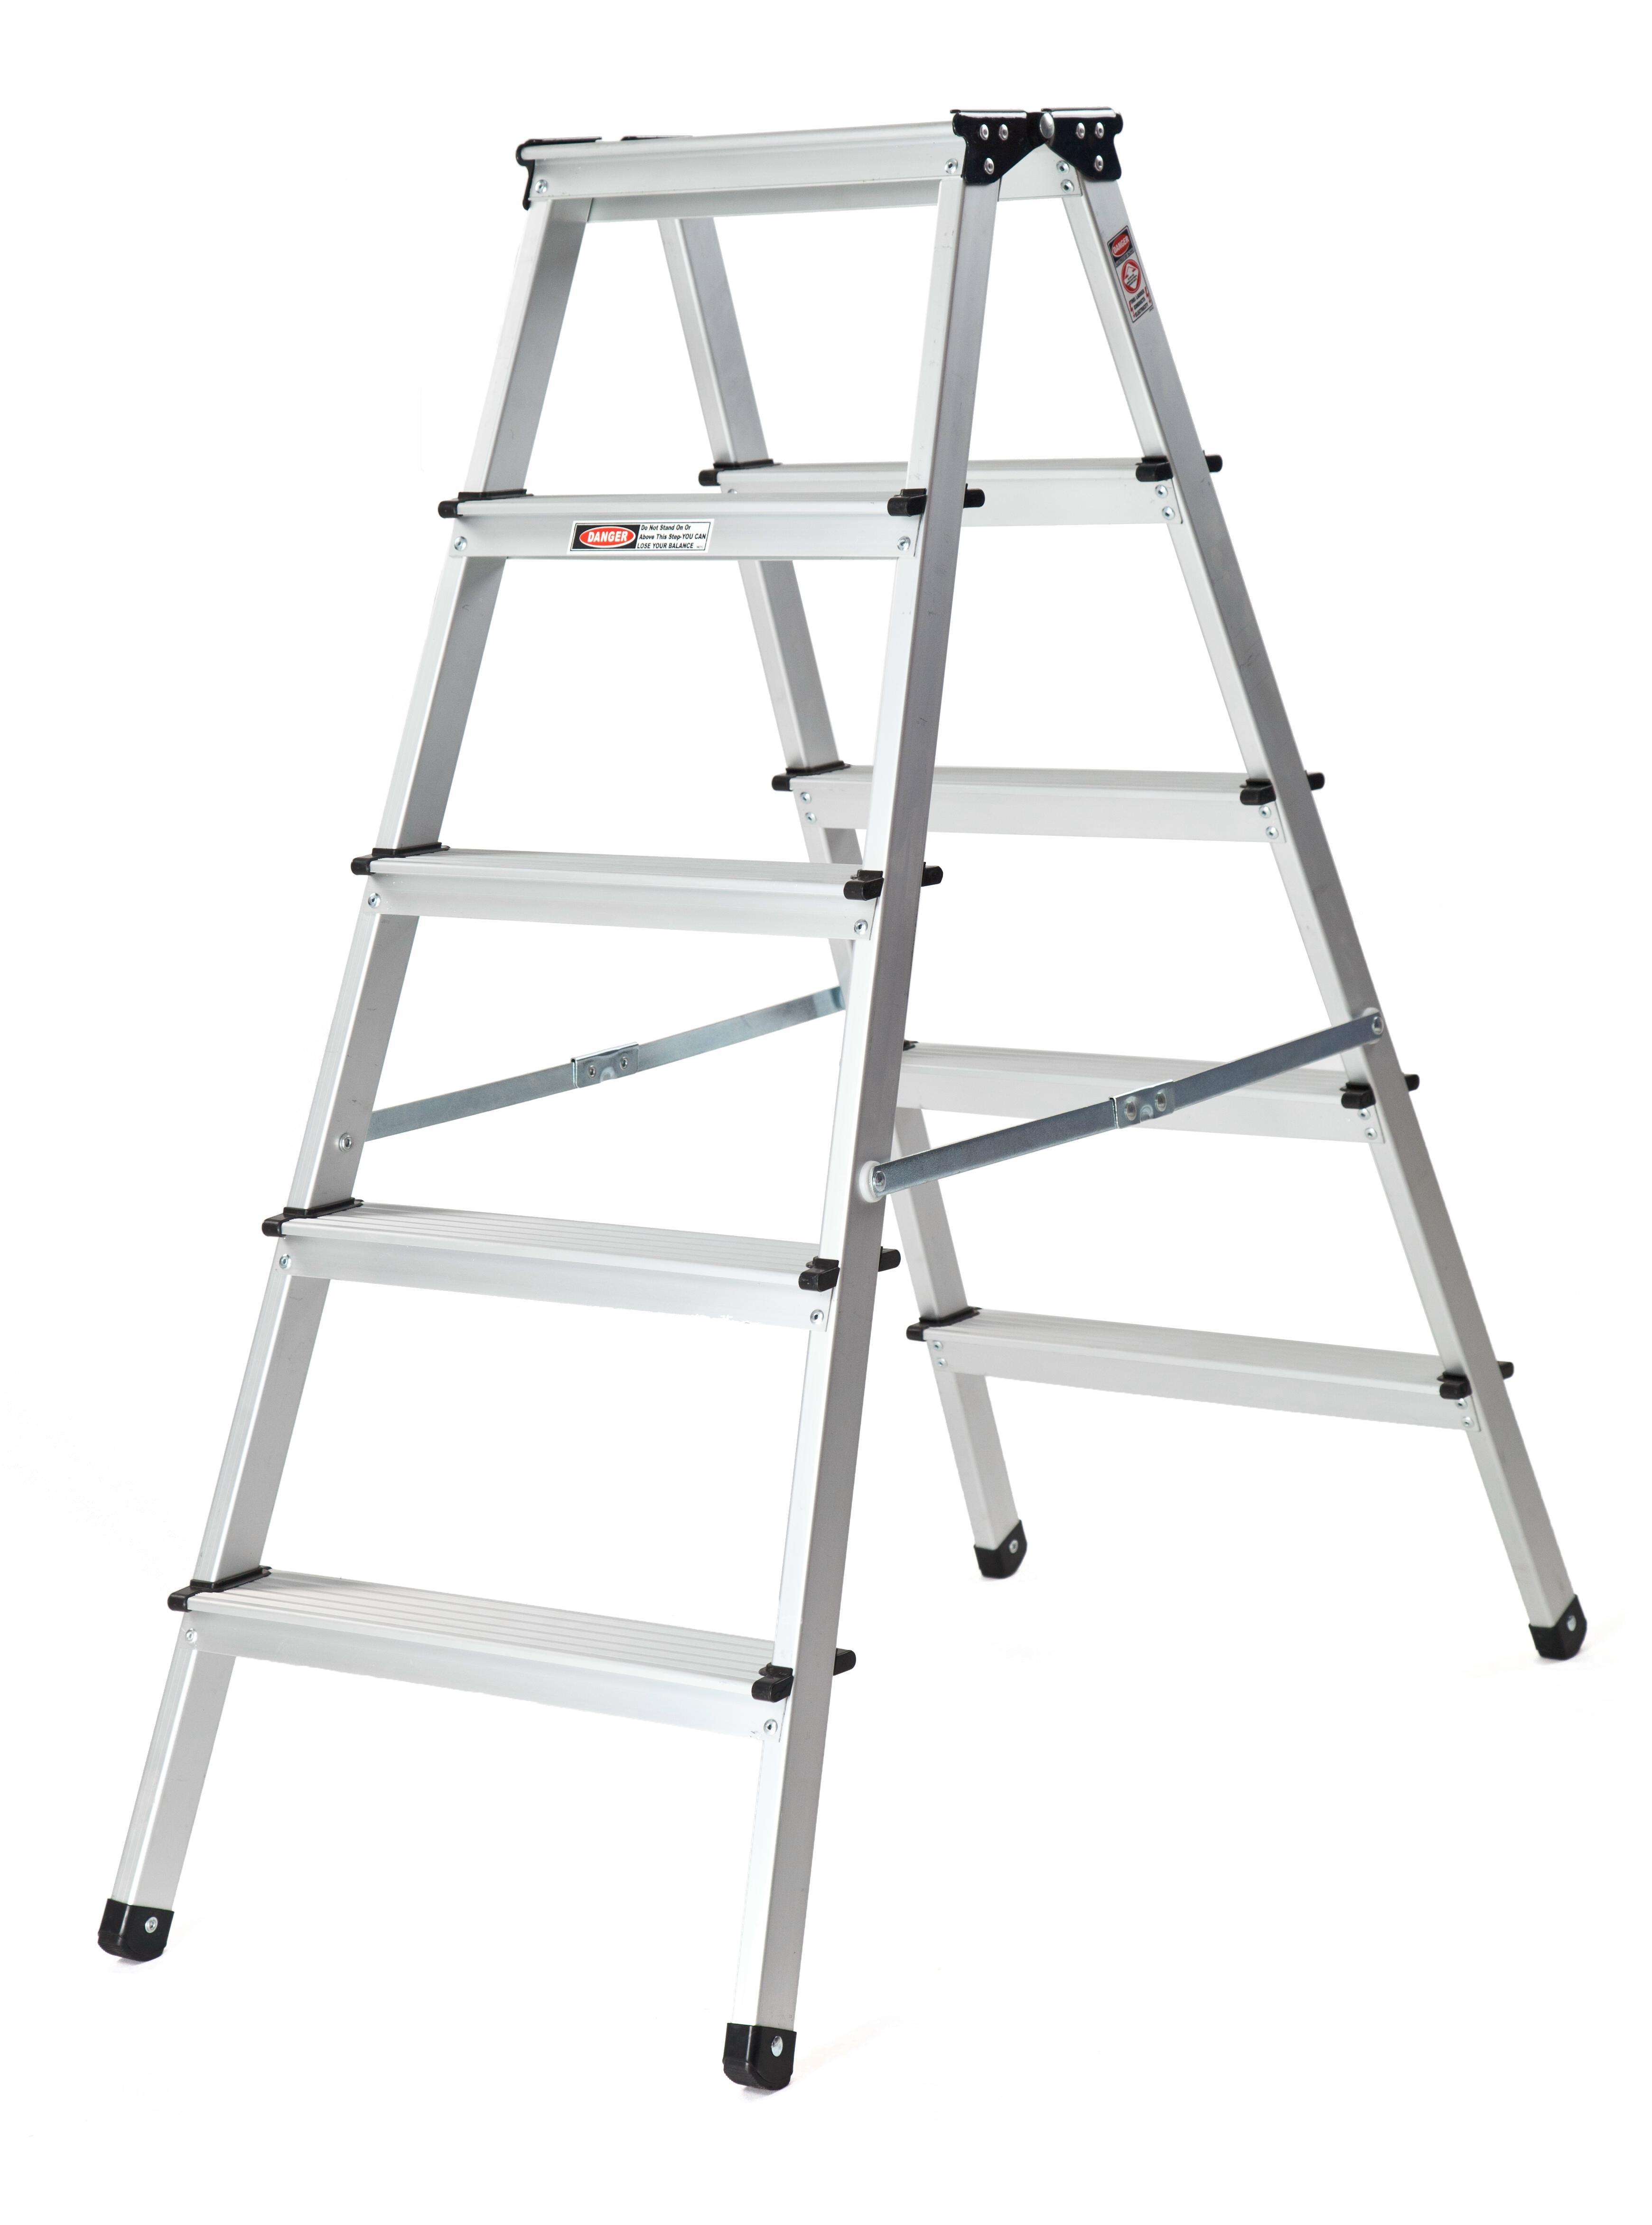 alu trittleiter haushaltsleiter stehleiter klappleiter 2x5. Black Bedroom Furniture Sets. Home Design Ideas